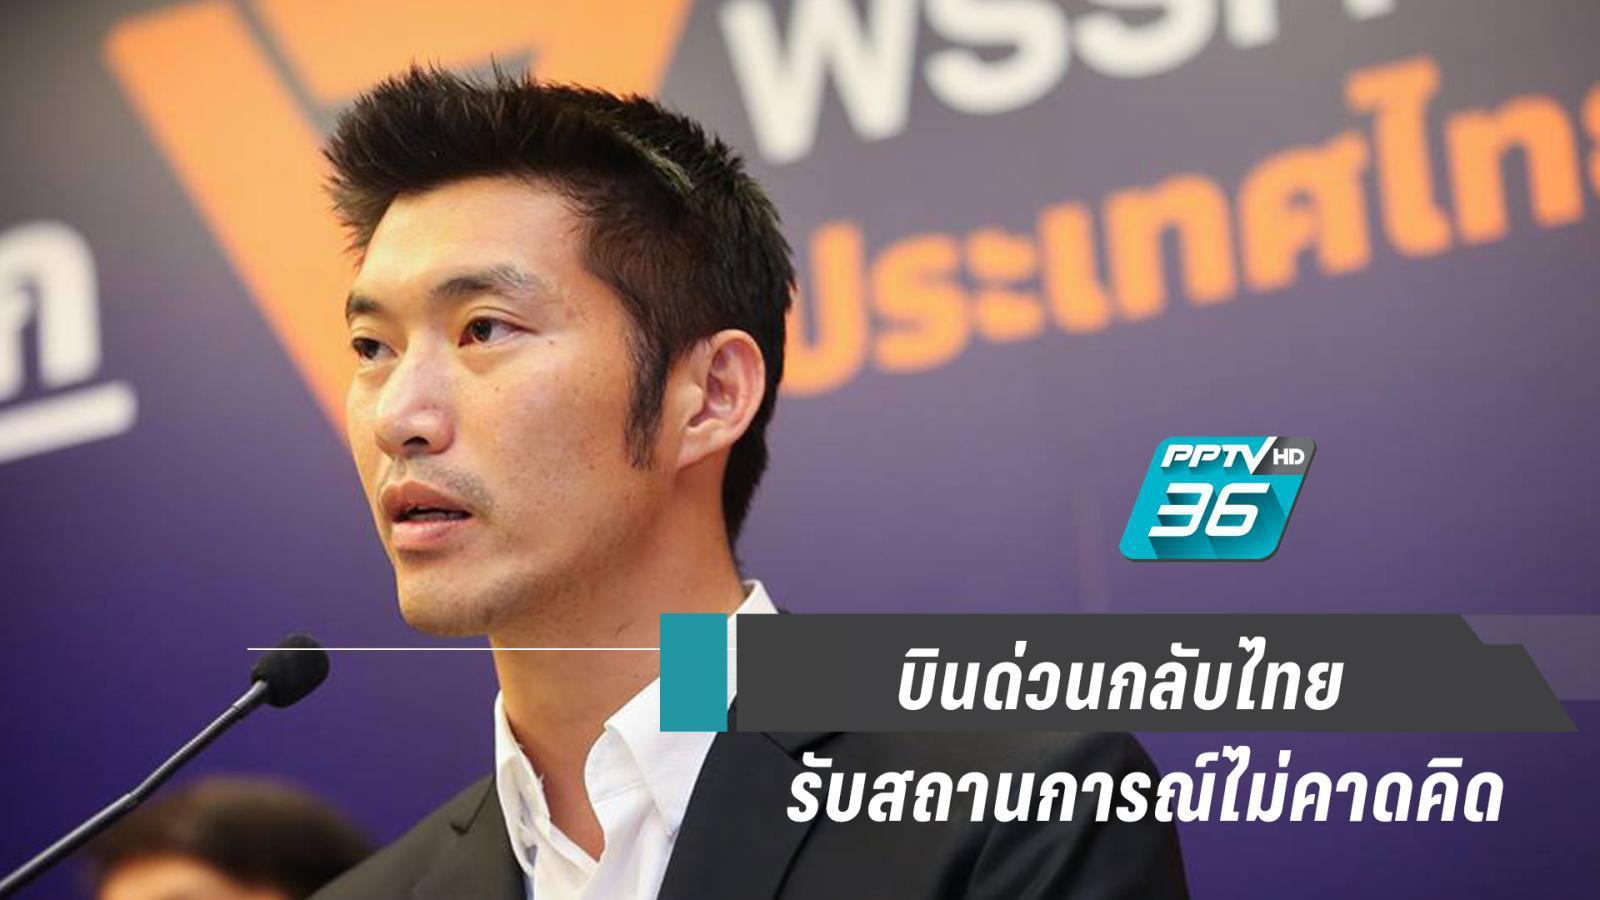 """""""ธนาธร"""" บินด่วนกลับไทย อ้างได้รับคำเตือนให้รับ """"สถานการณ์ไม่คาดคิด"""""""